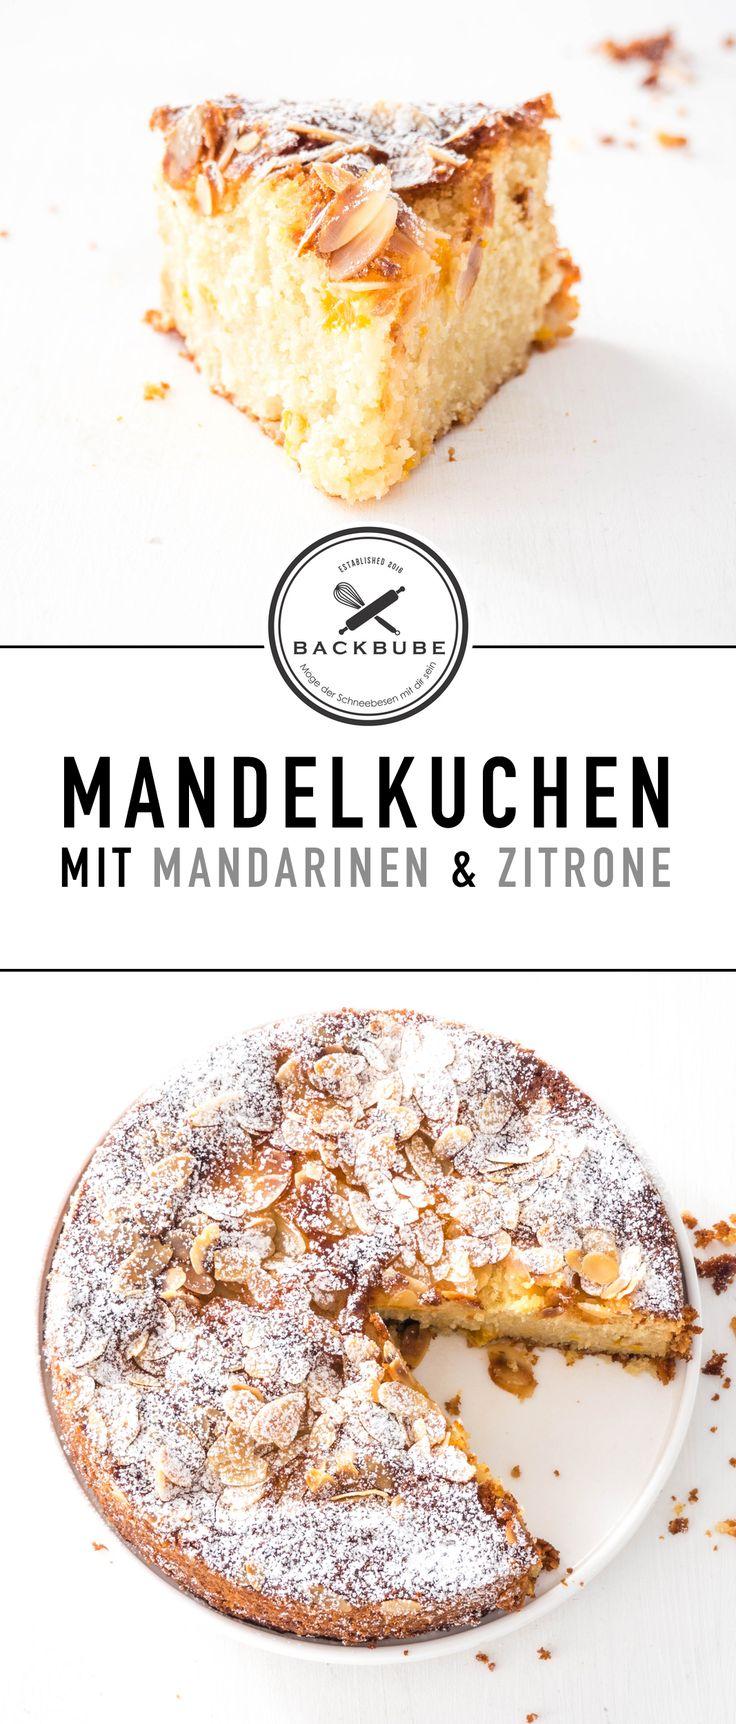 Mandelkuchen mit Mandarinen und Zitrone / Almond cake with clementines and lemon / www.backbube.com - Foodblog